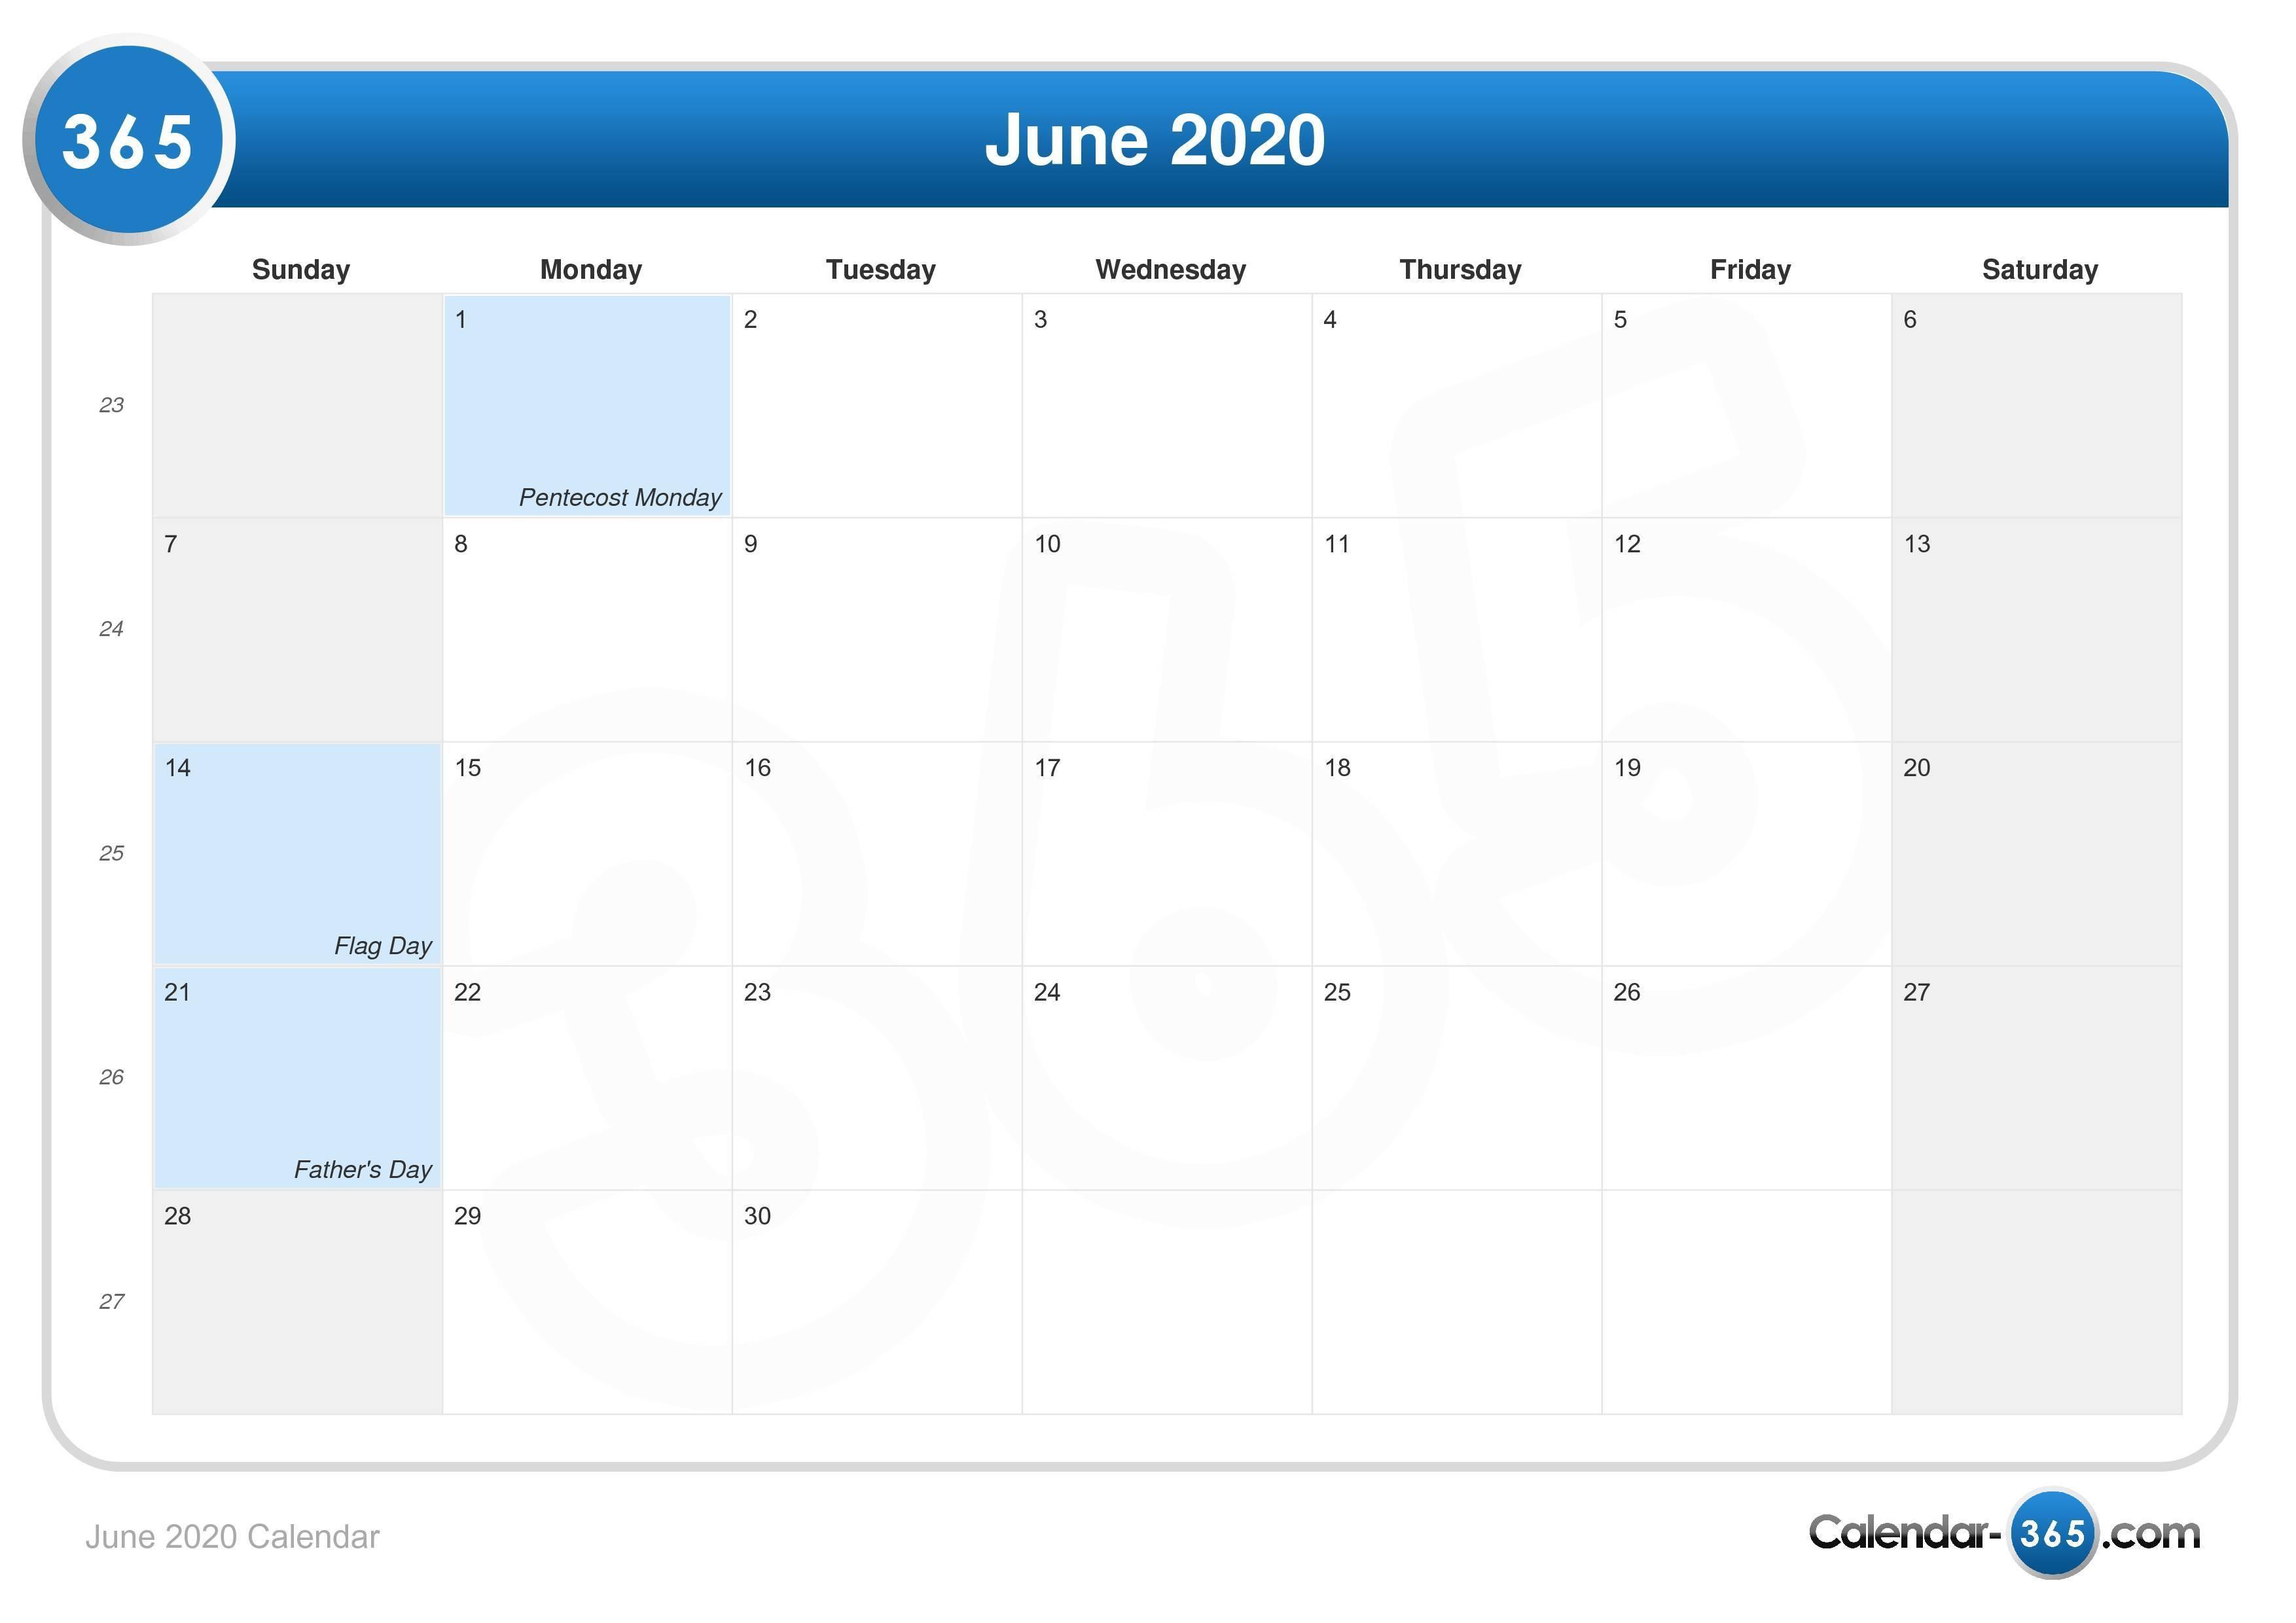 Printable Calendar May and June 2020 June 2020 Calendar